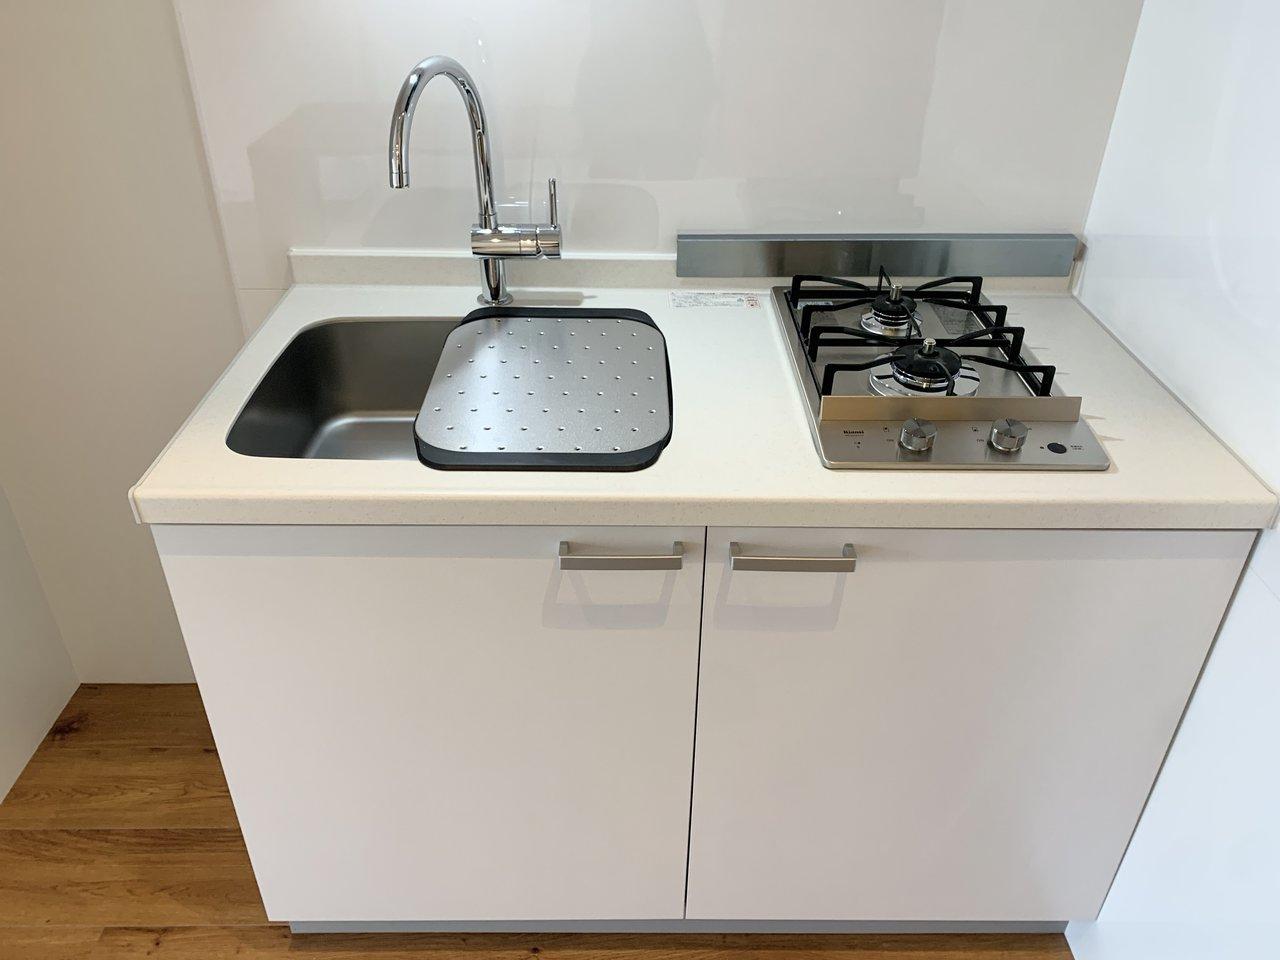 キッチンはコンパクトながら2口コンロ付き。シンクボードもついているので、お料理をする際に役立ちそうです。